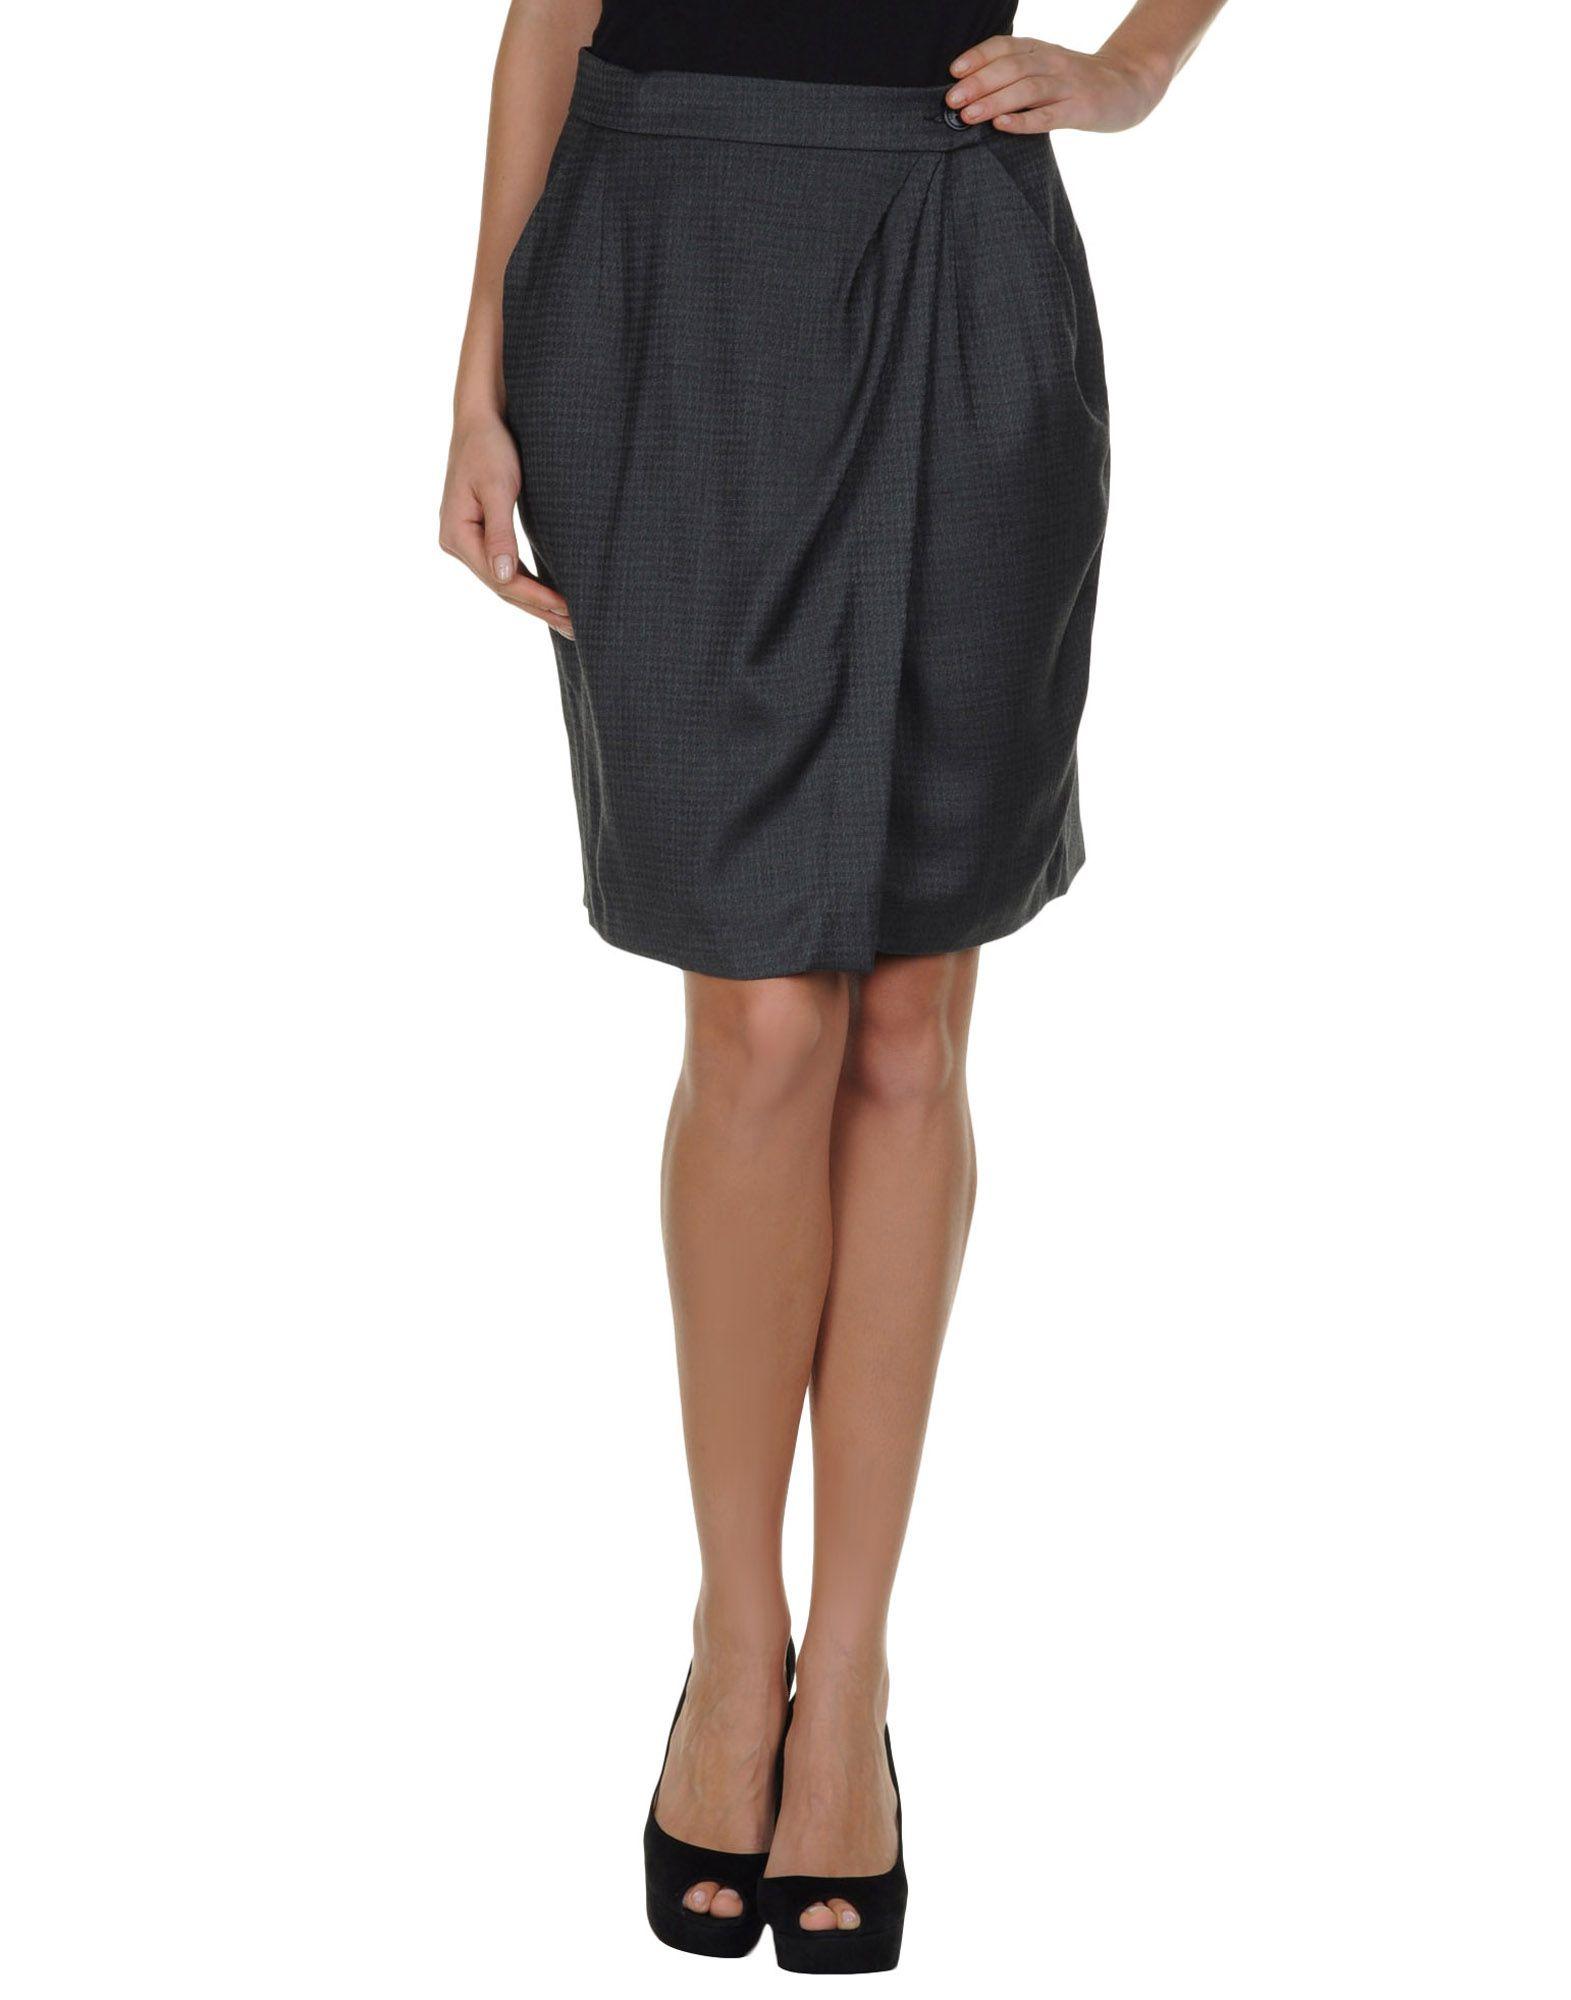 Miss Skirt 117